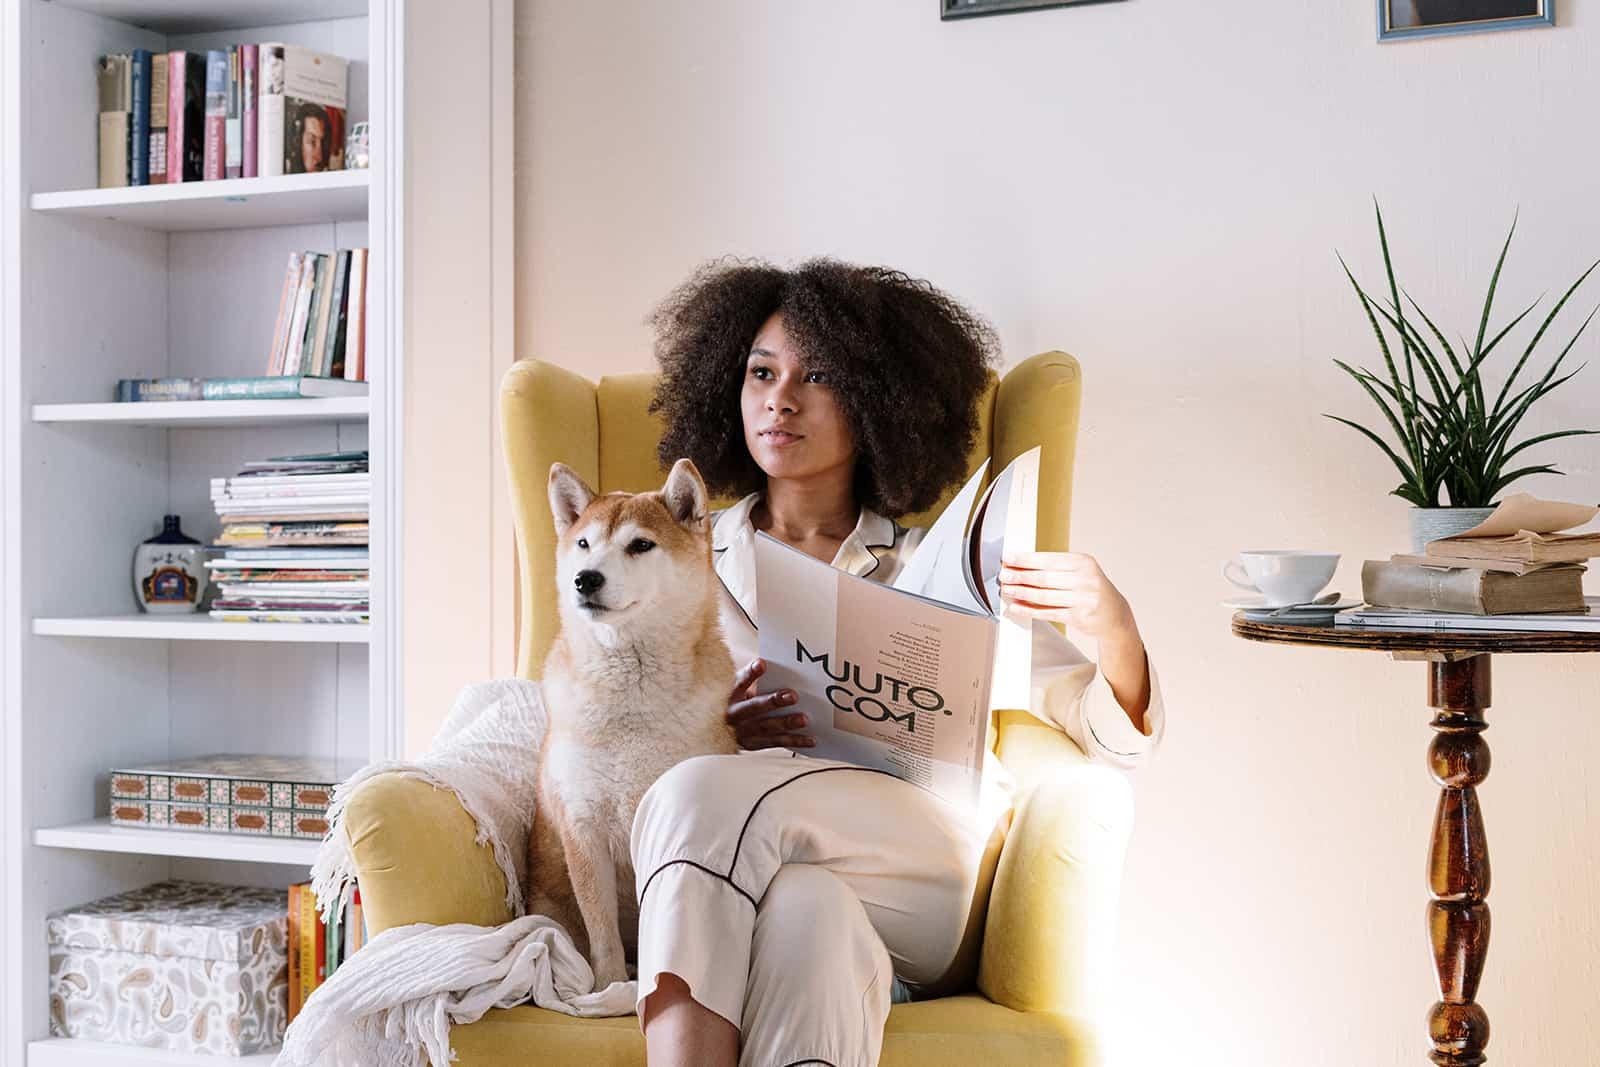 eine Frau, die mit einem Hund in einem Sessel sitzt und eine Zeitschrift hält